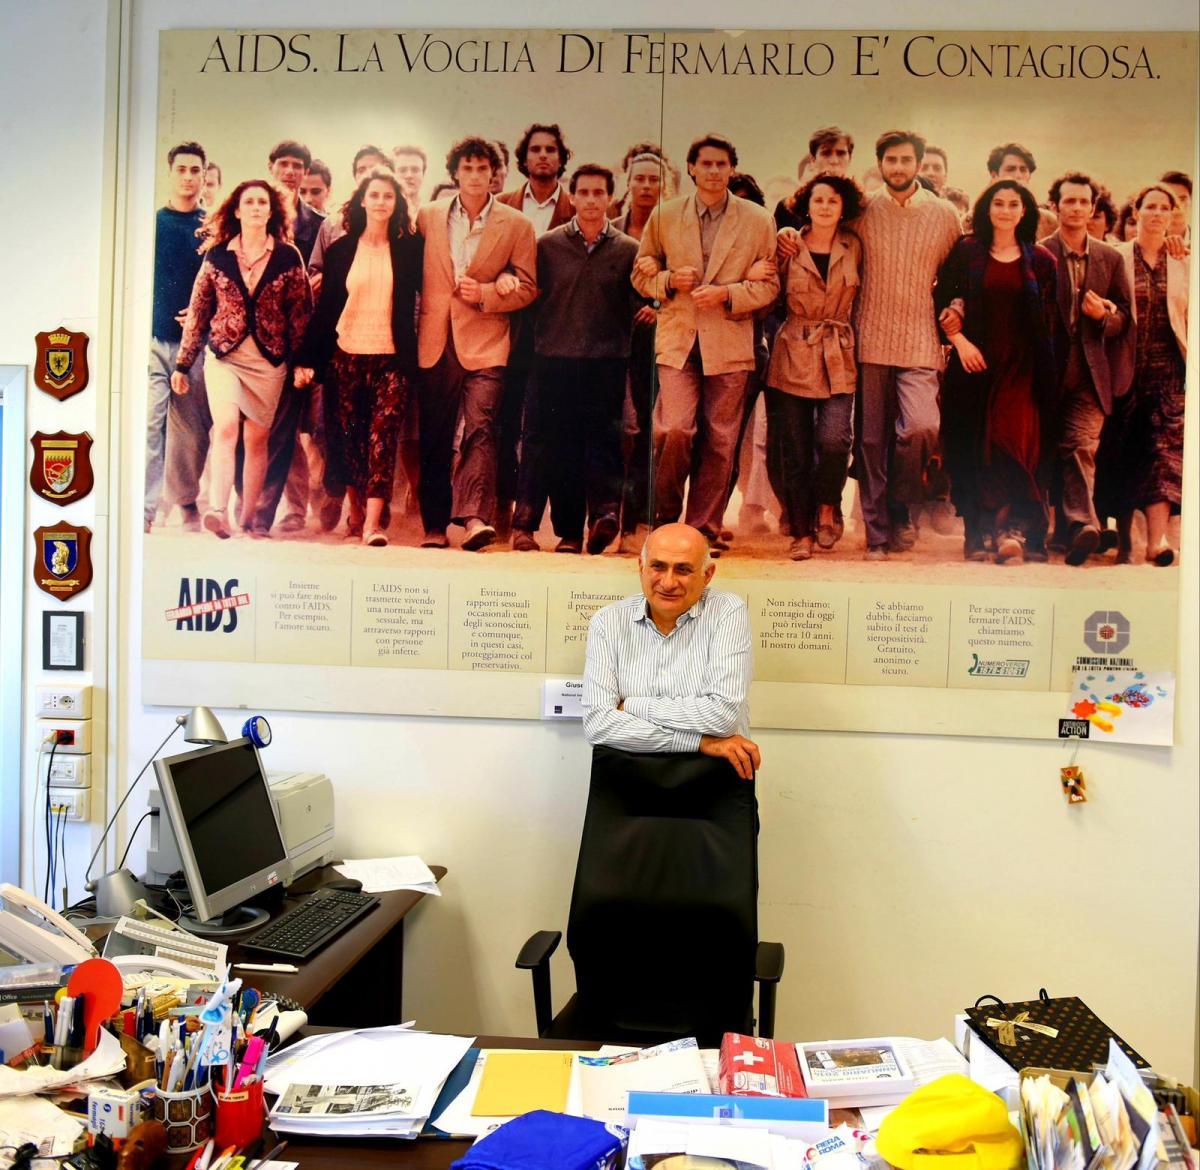 Итальянский инфекционист Джузеппе Ипполито поделился опытом в борьбе с коронавирусом